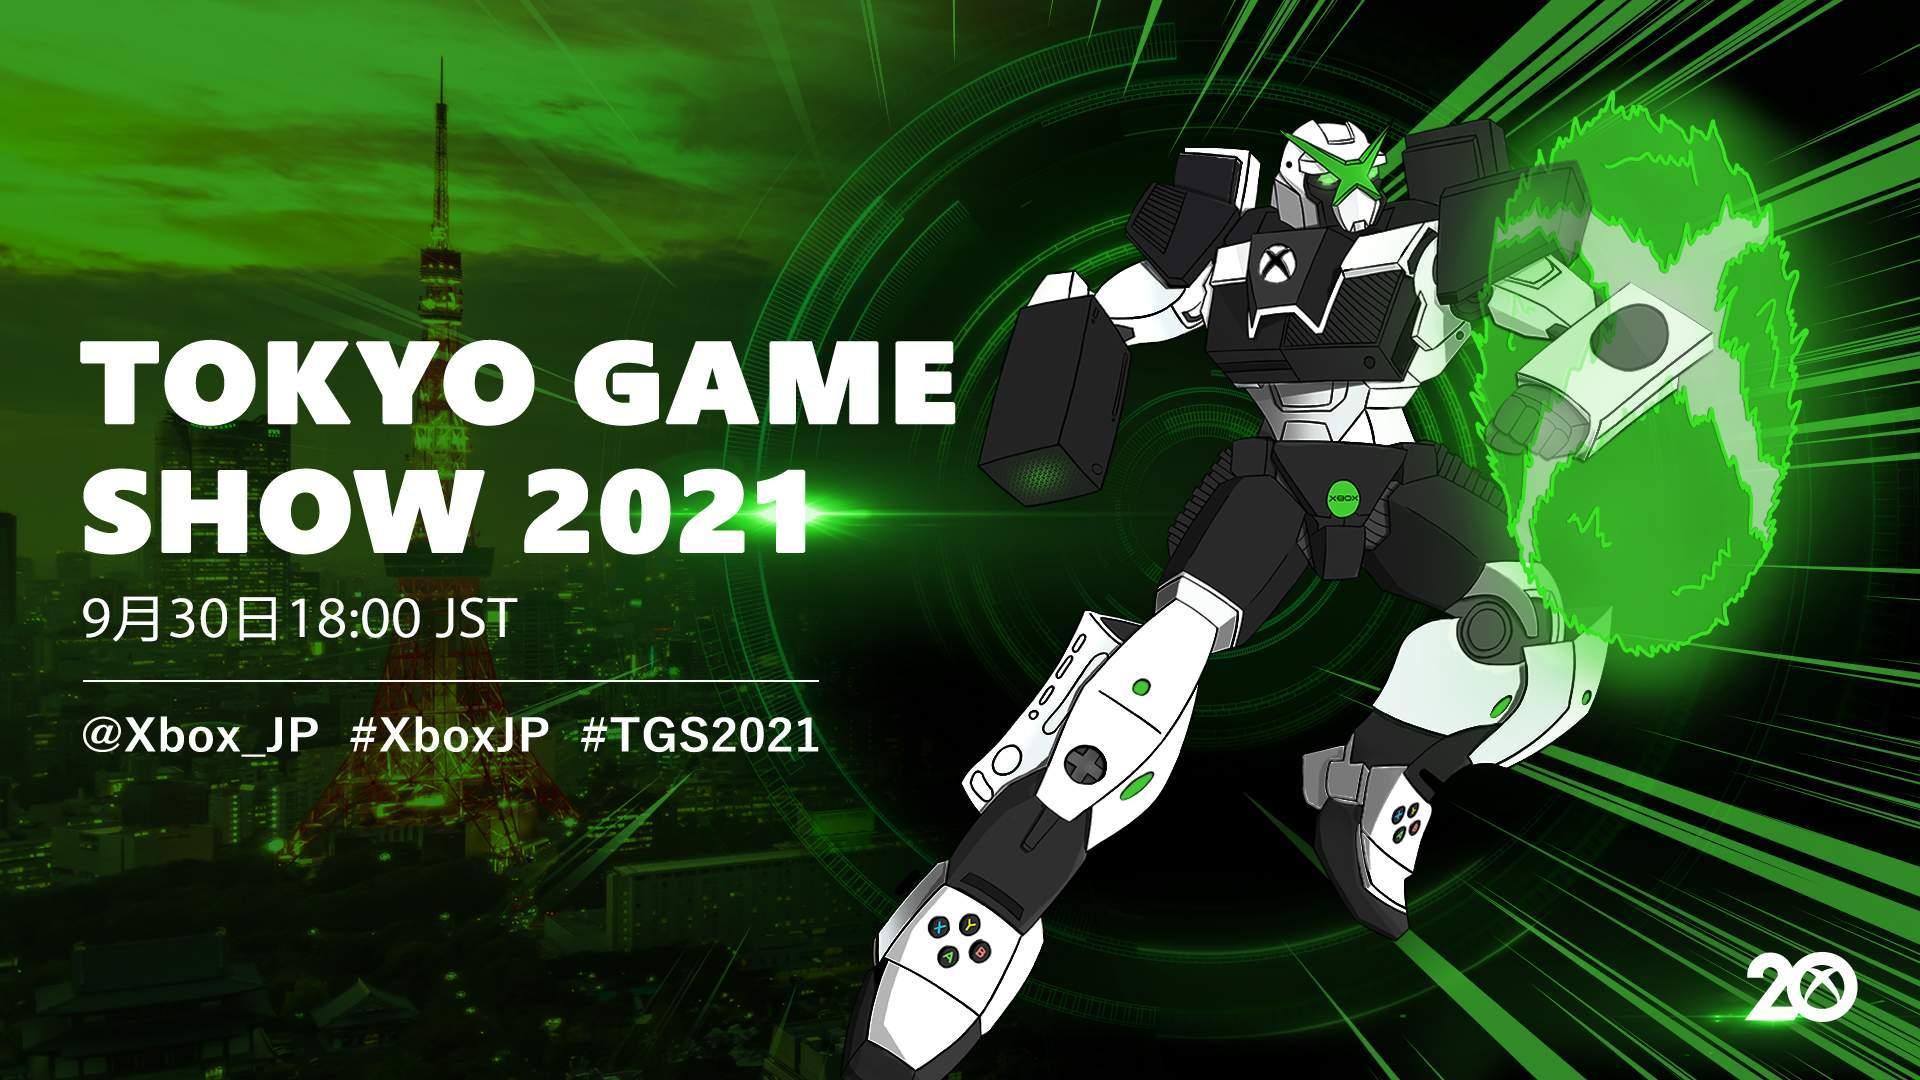 Xbox trabaja arduamente para aumentar su catálogo de juegos japoneses 4